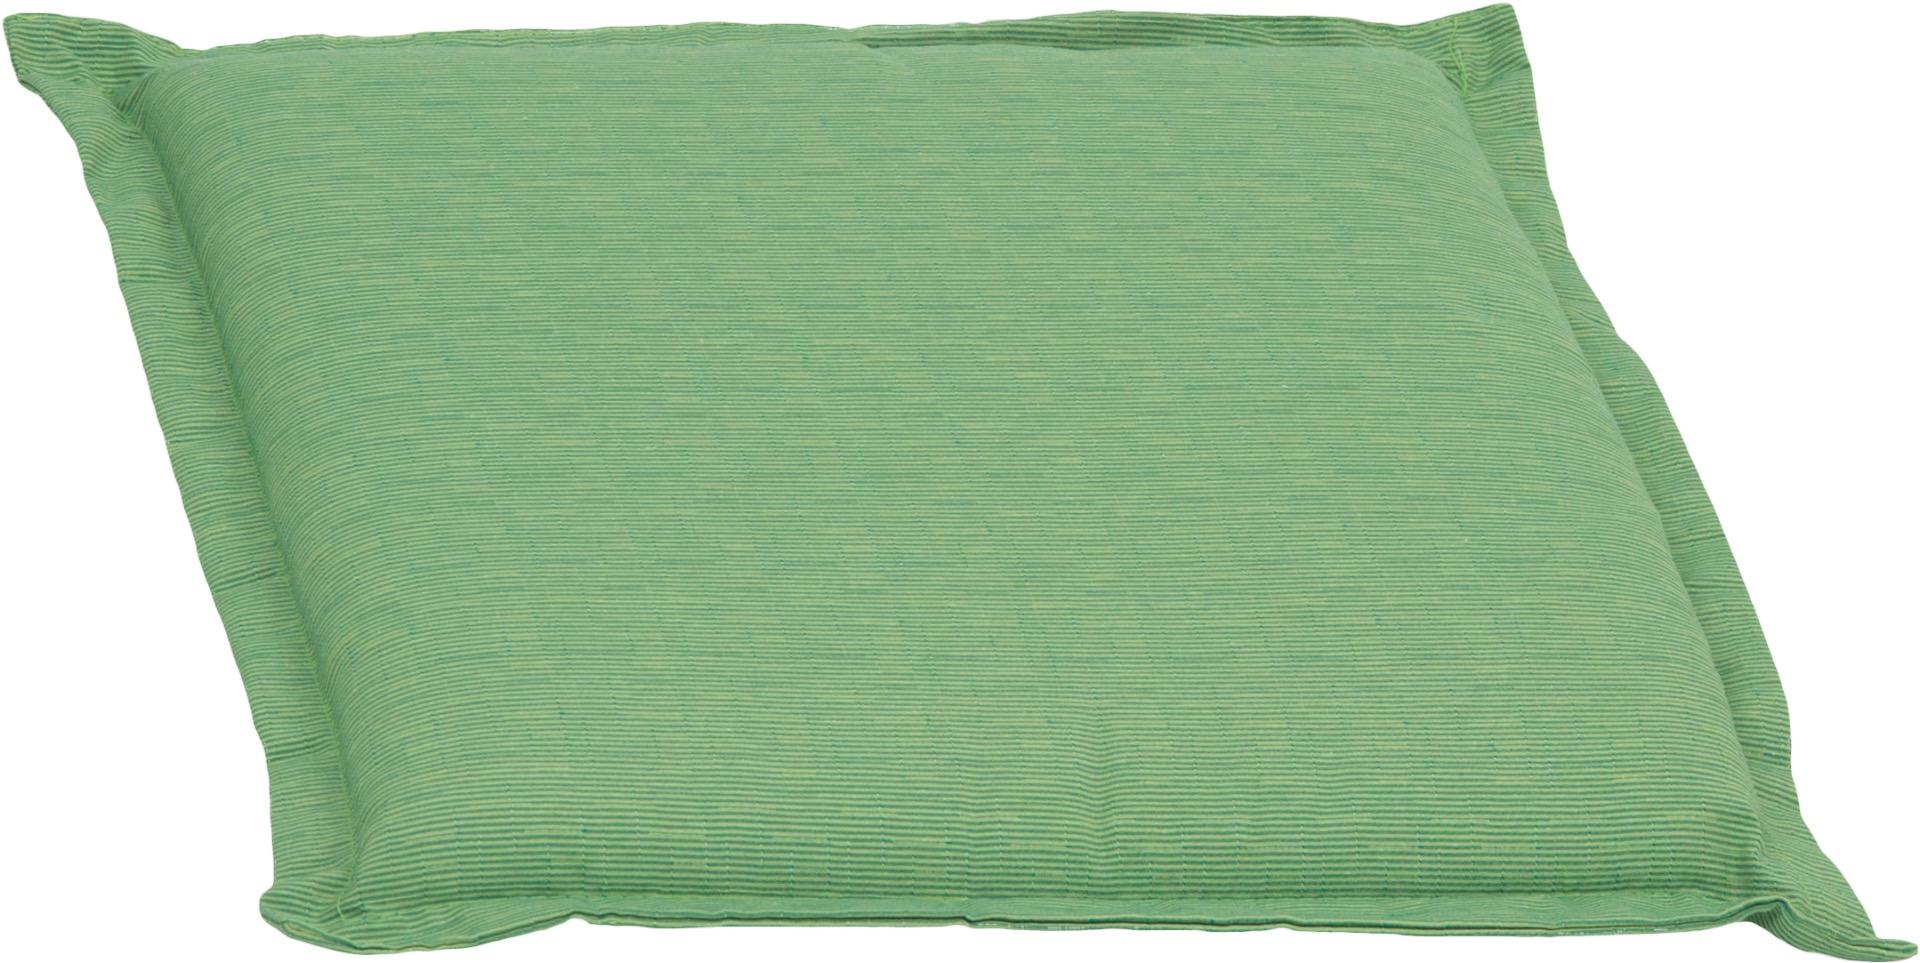 Bankauflage Sitzkissen ca. 49x46x6 cm hellgrün meliert